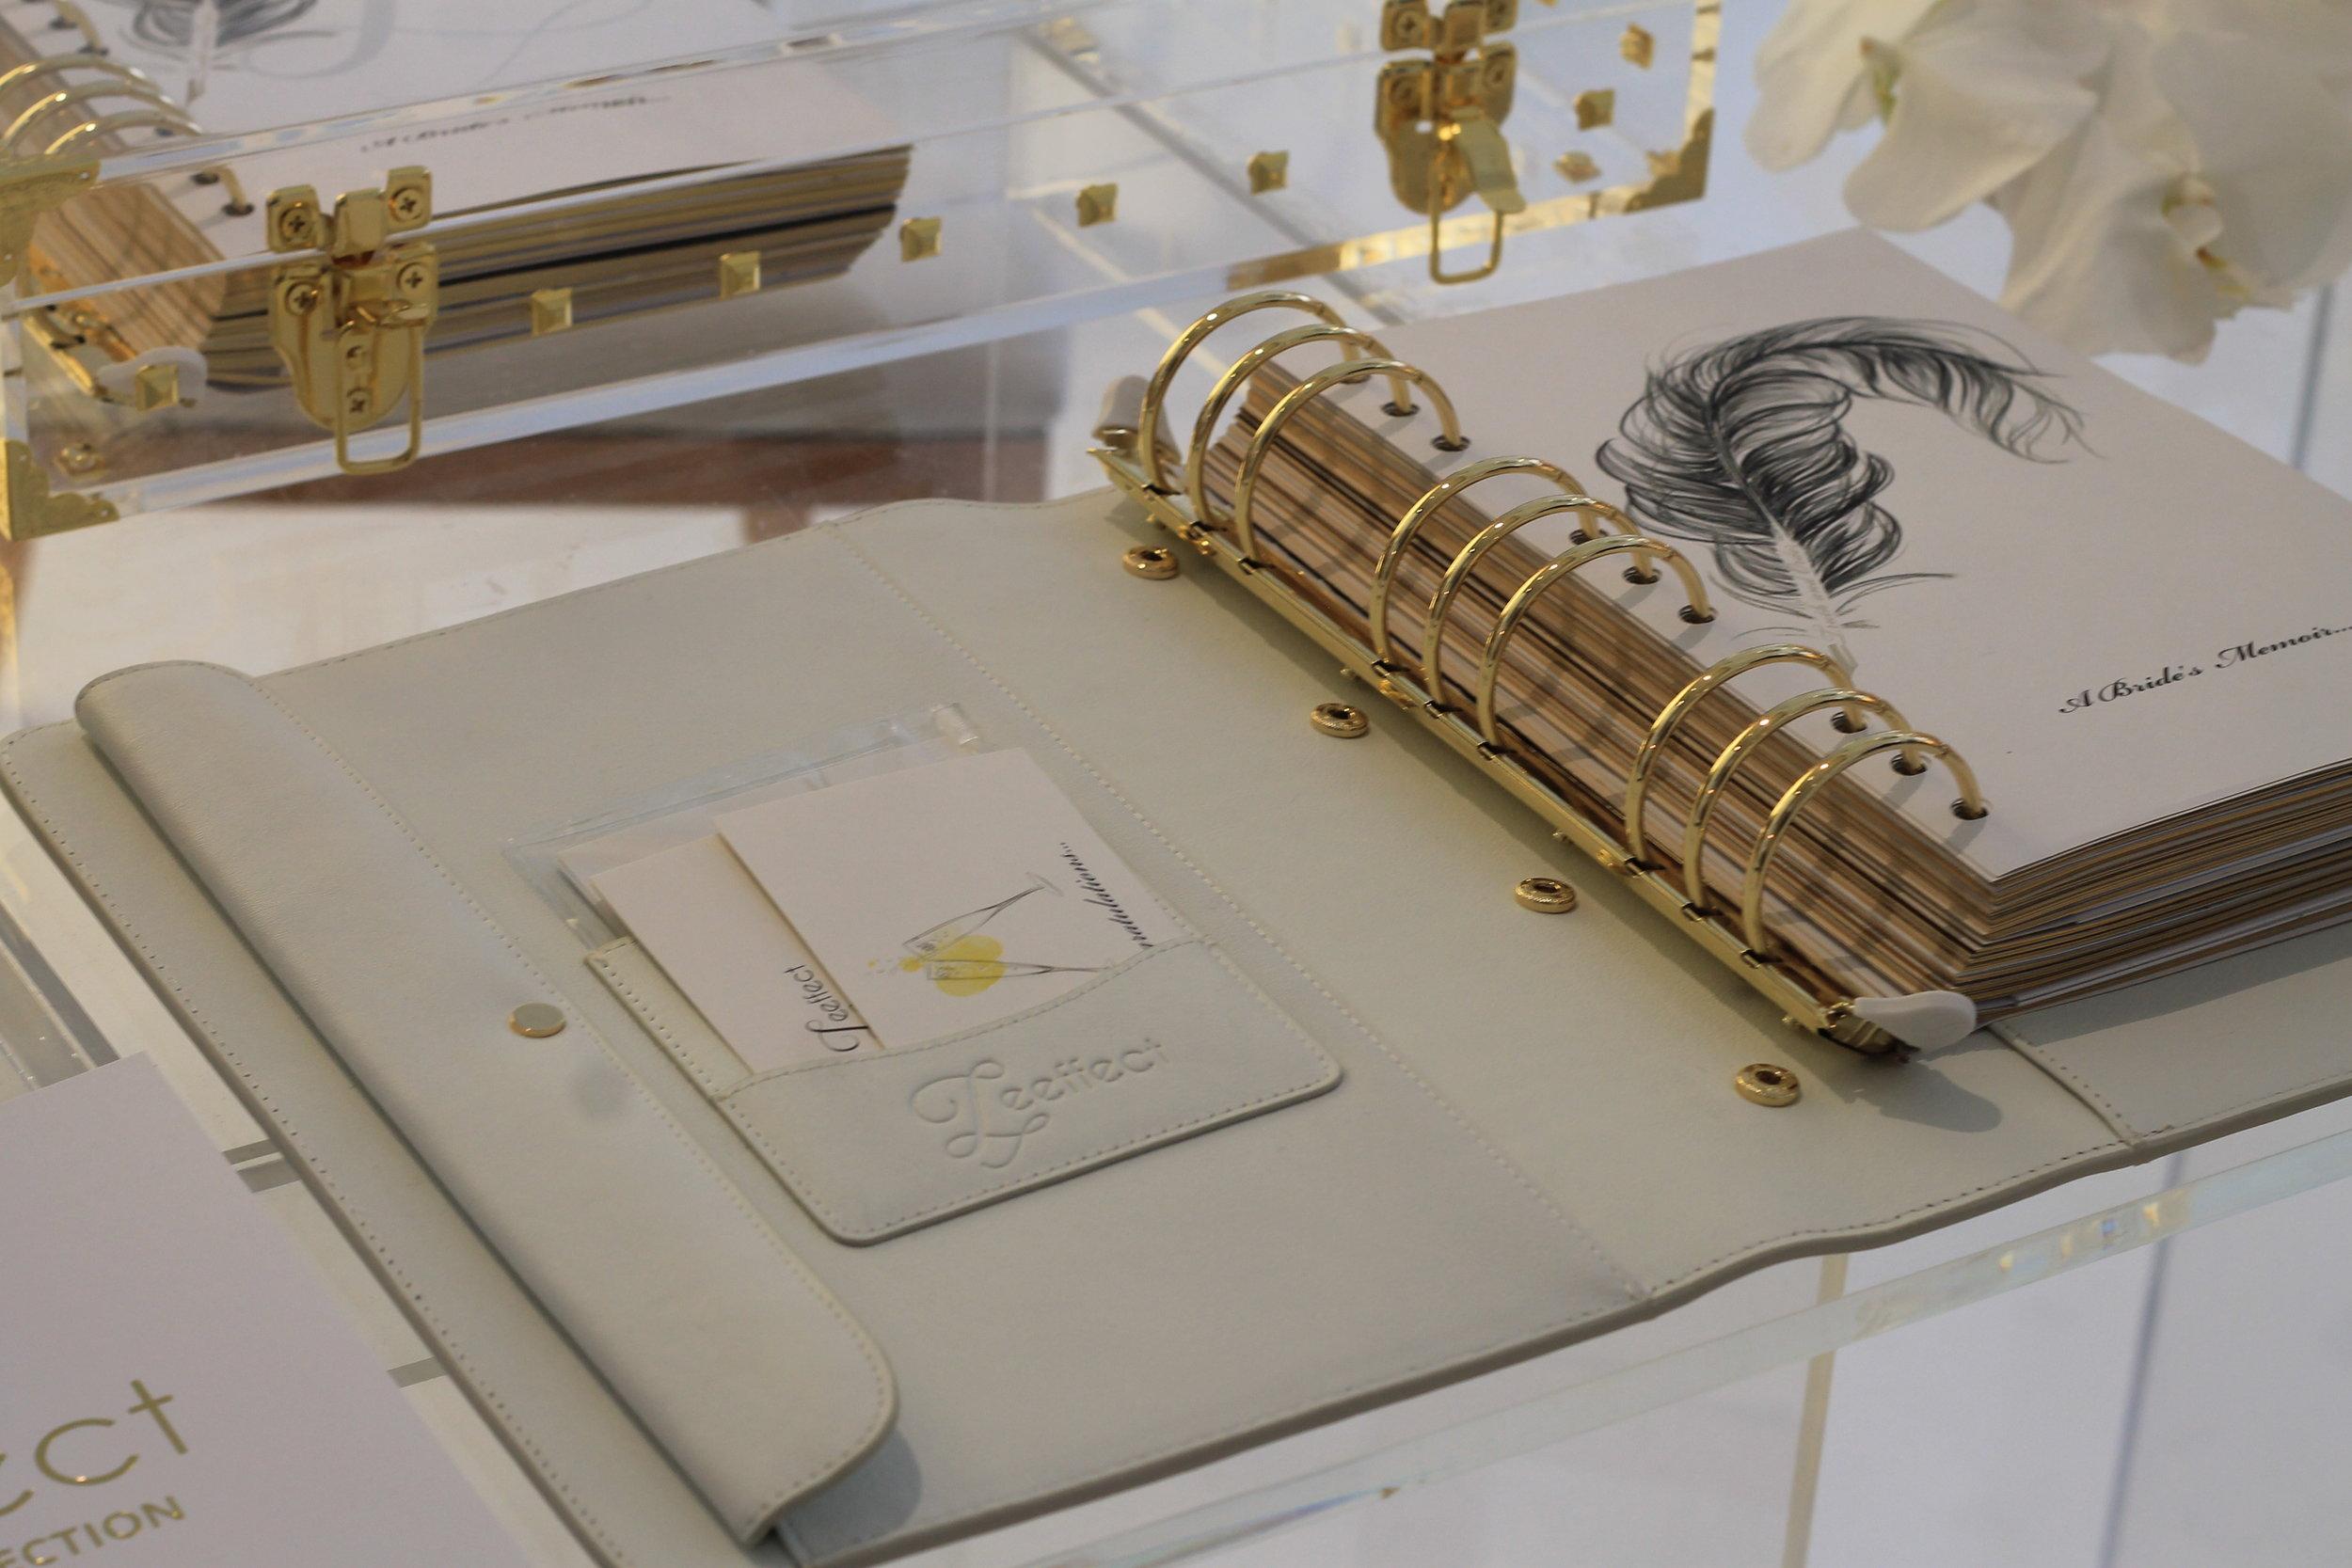 Le produit phare du salon - Leffect collection, une marque de papeterie de luxe qui a créé le premier recueil de mariages.